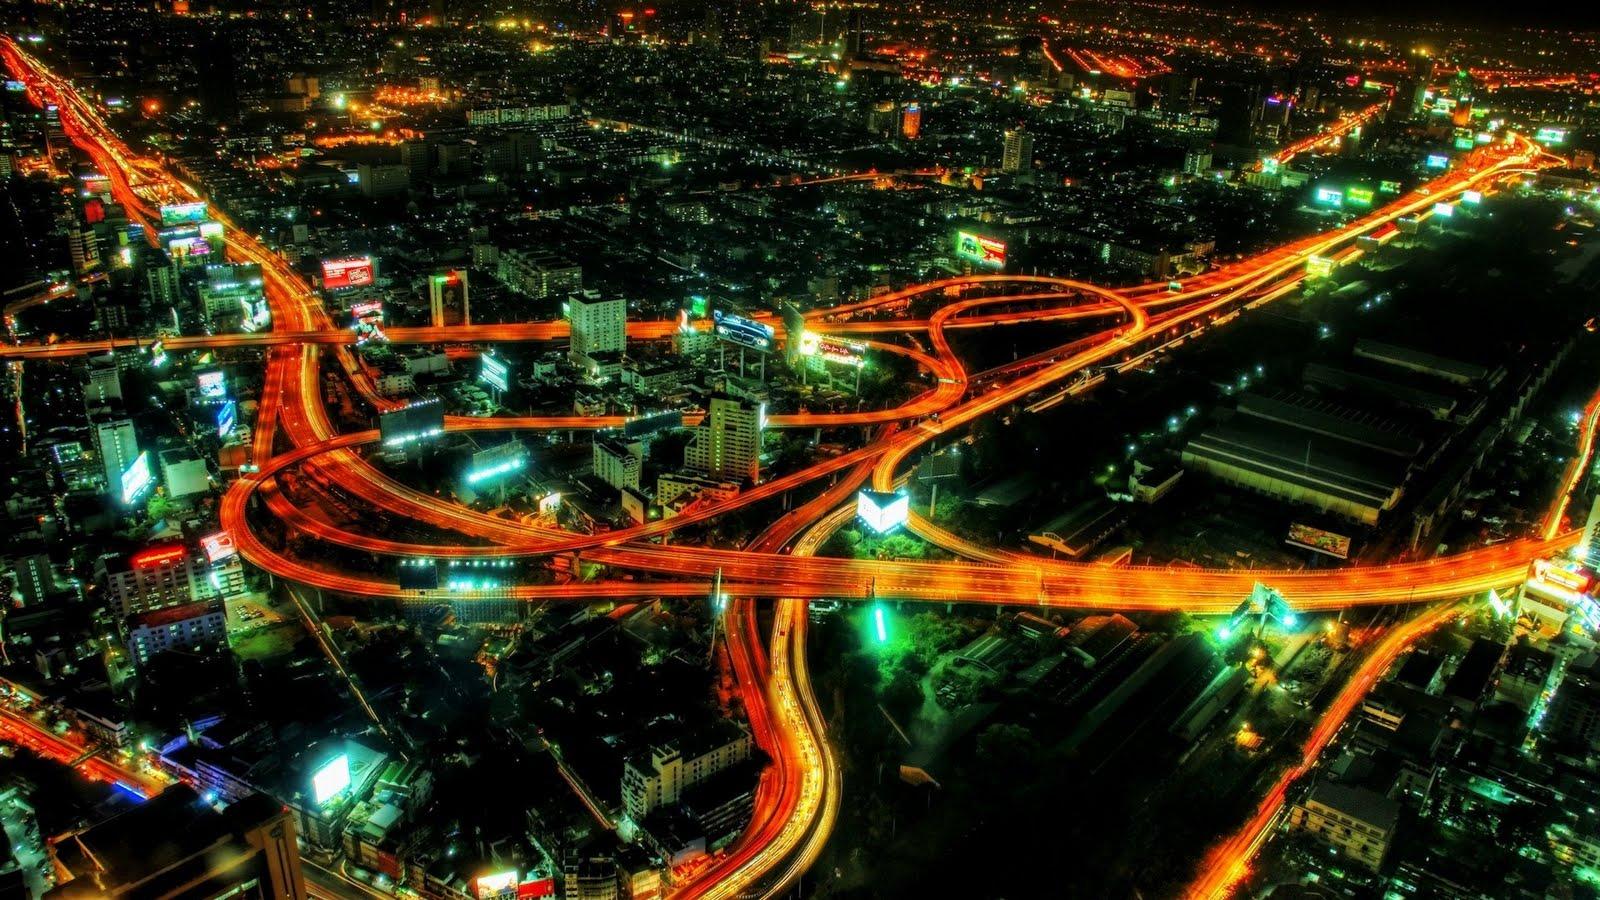 http://3.bp.blogspot.com/_b-YuSdvMmaQ/Swlr57Kwf1I/AAAAAAAADfA/iBMg8MlL7qU/s1600/City%20Wallpaper%201080p%20Vol2%20(38).jpg